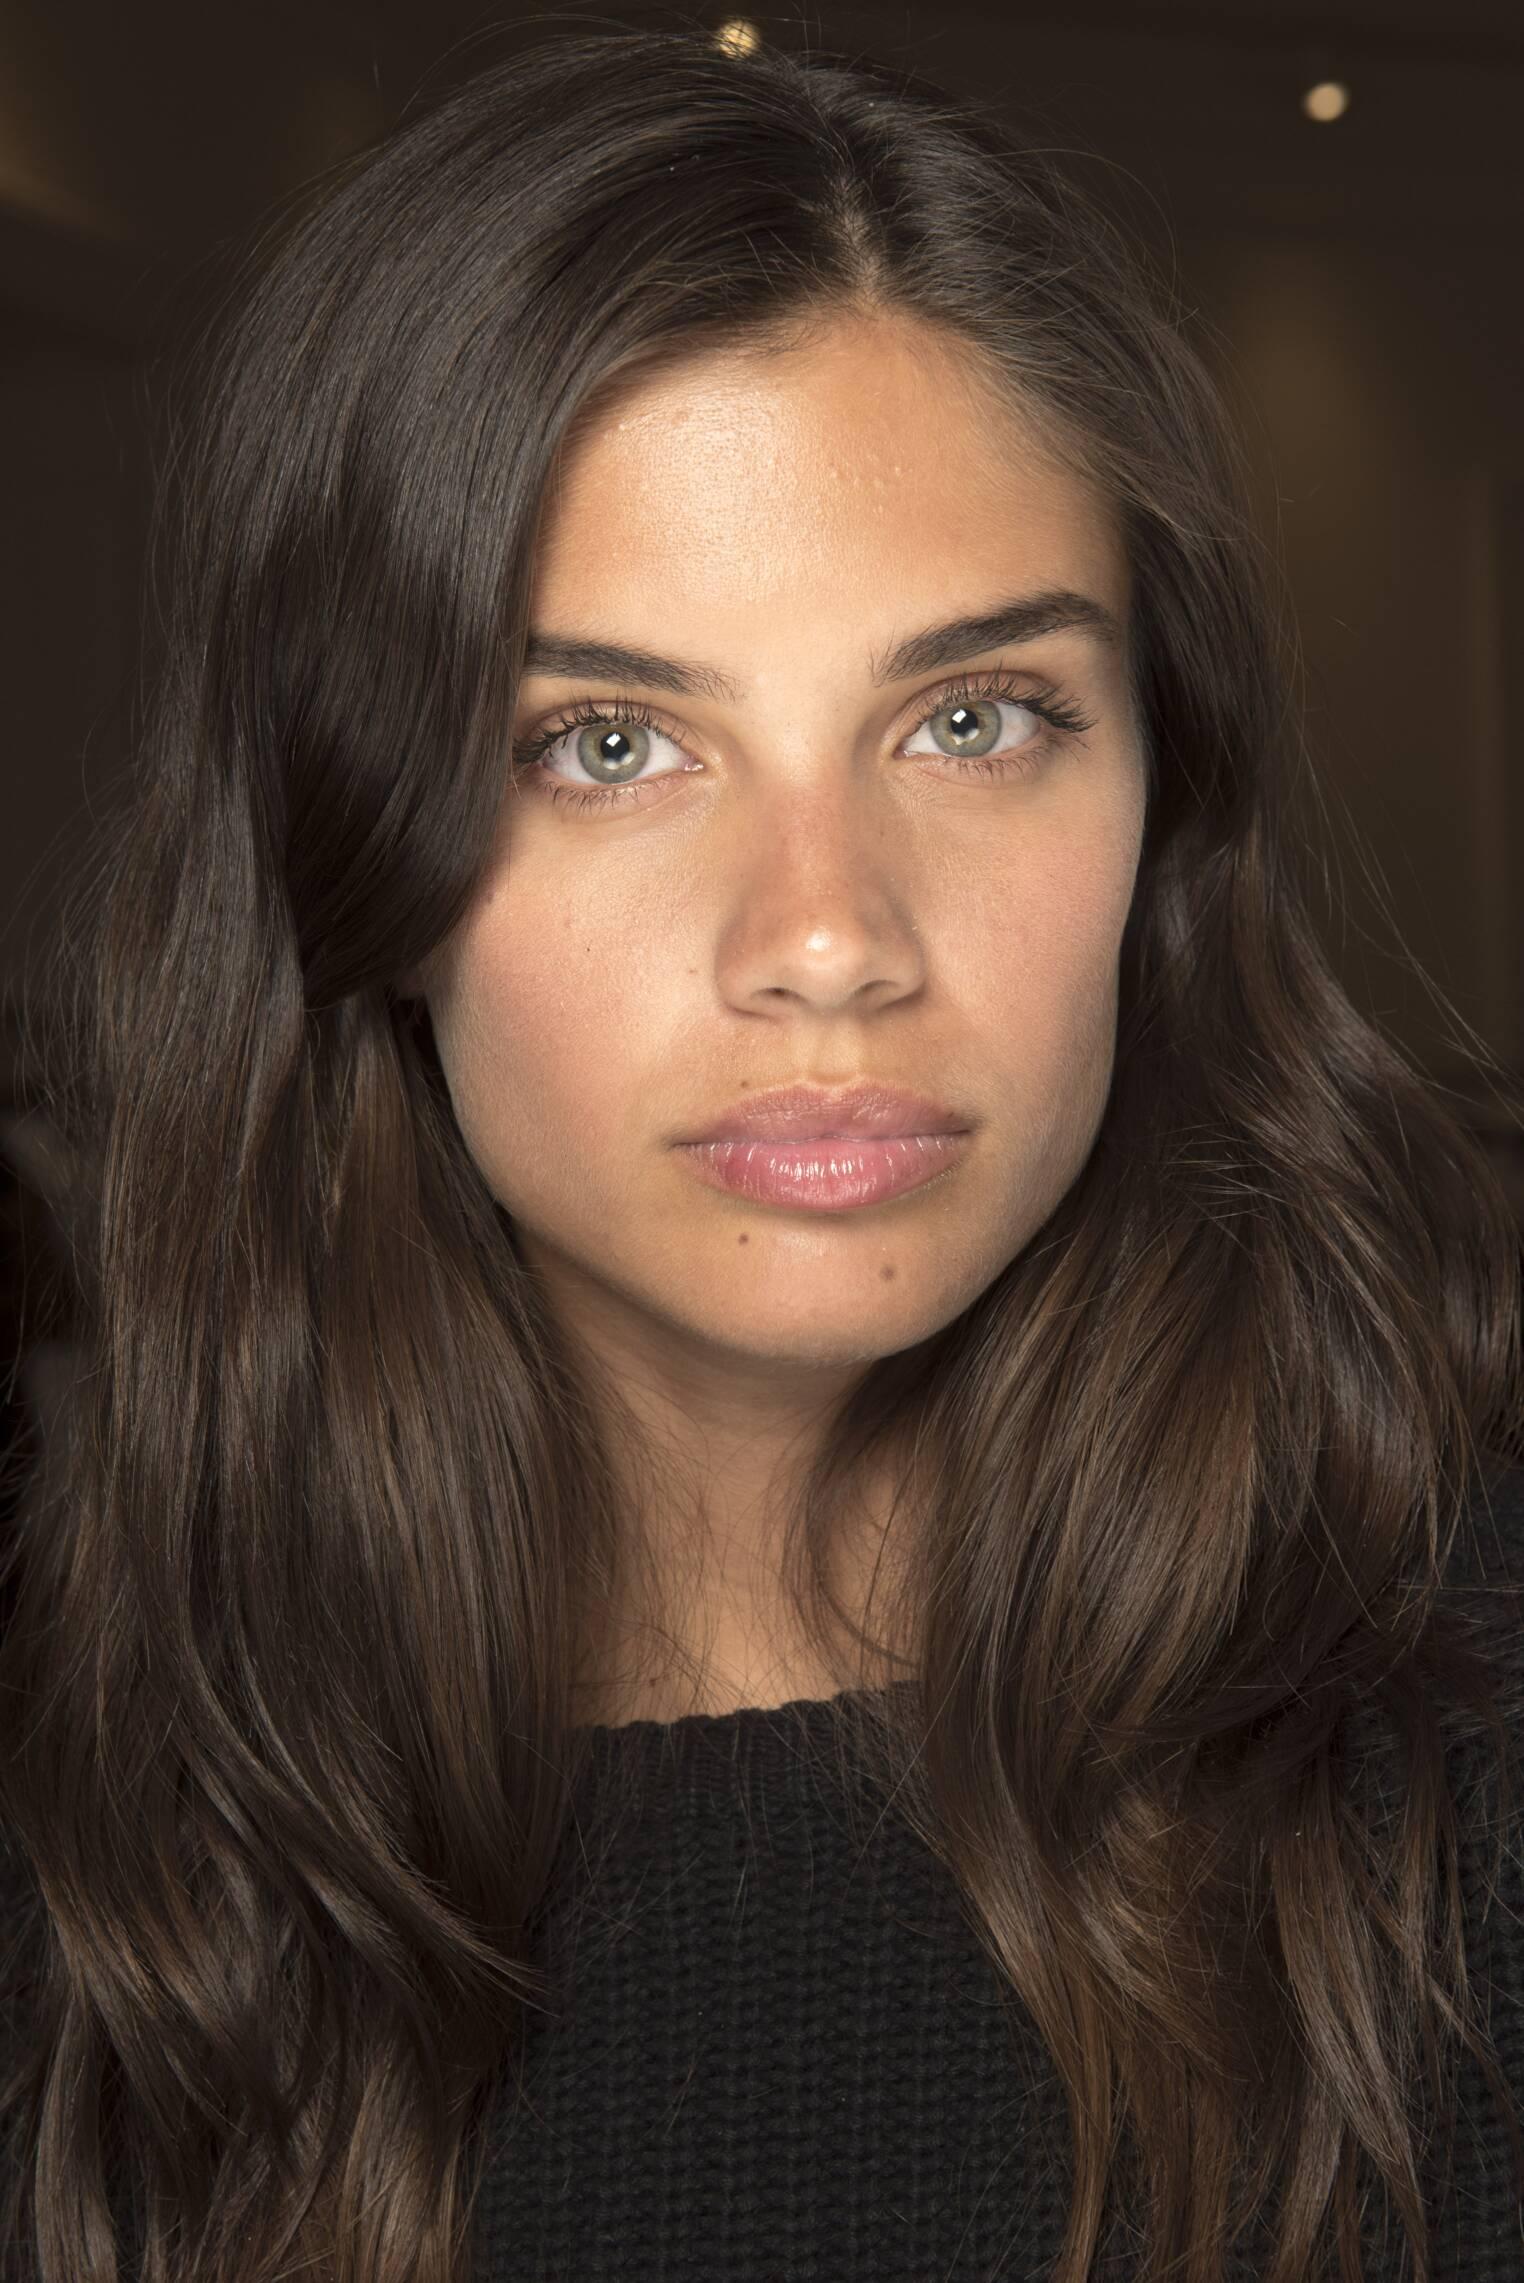 Backstage Alberta Ferretti Model Portrait